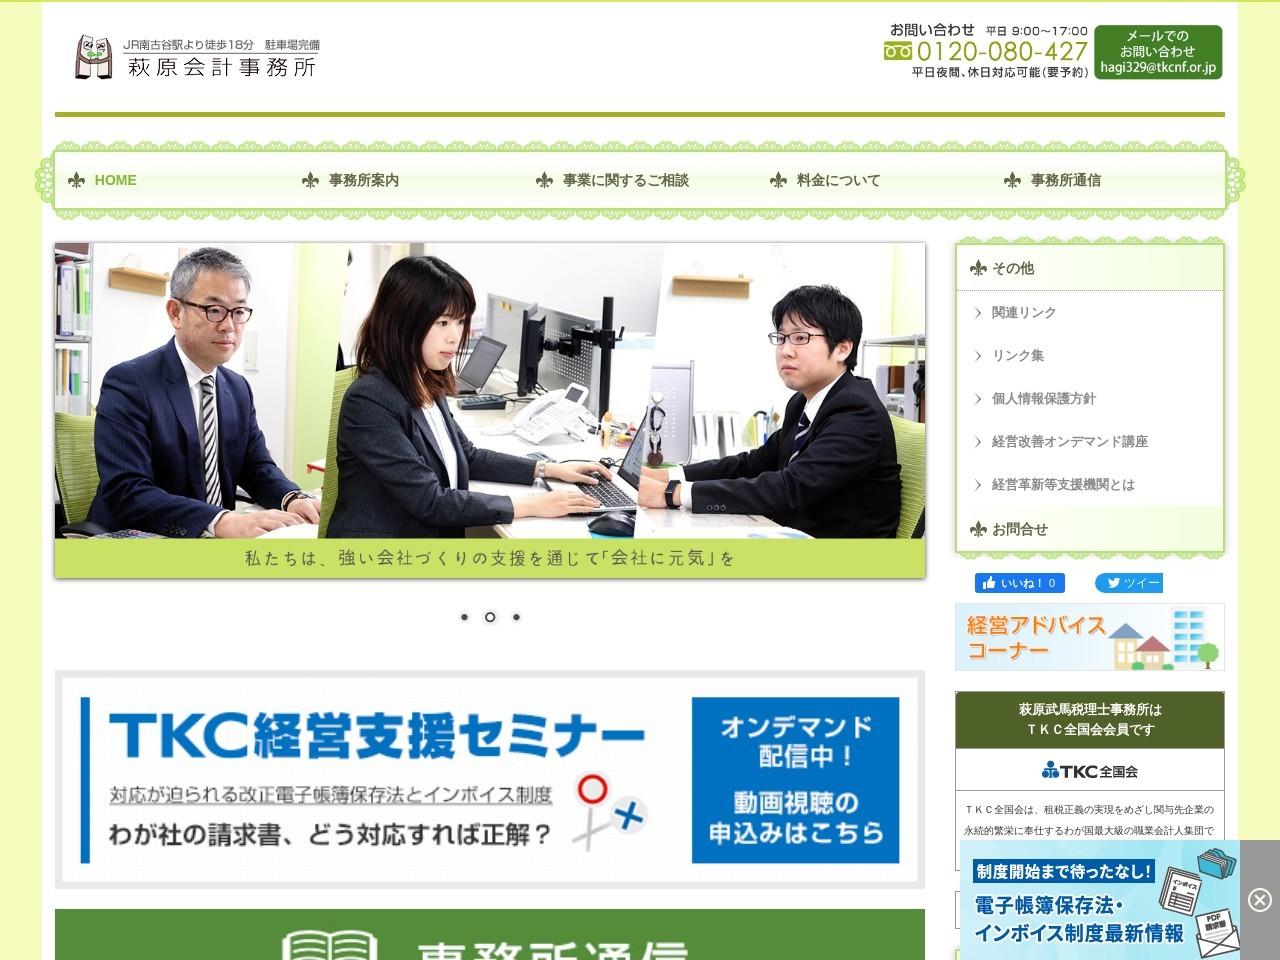 萩原会計事務所